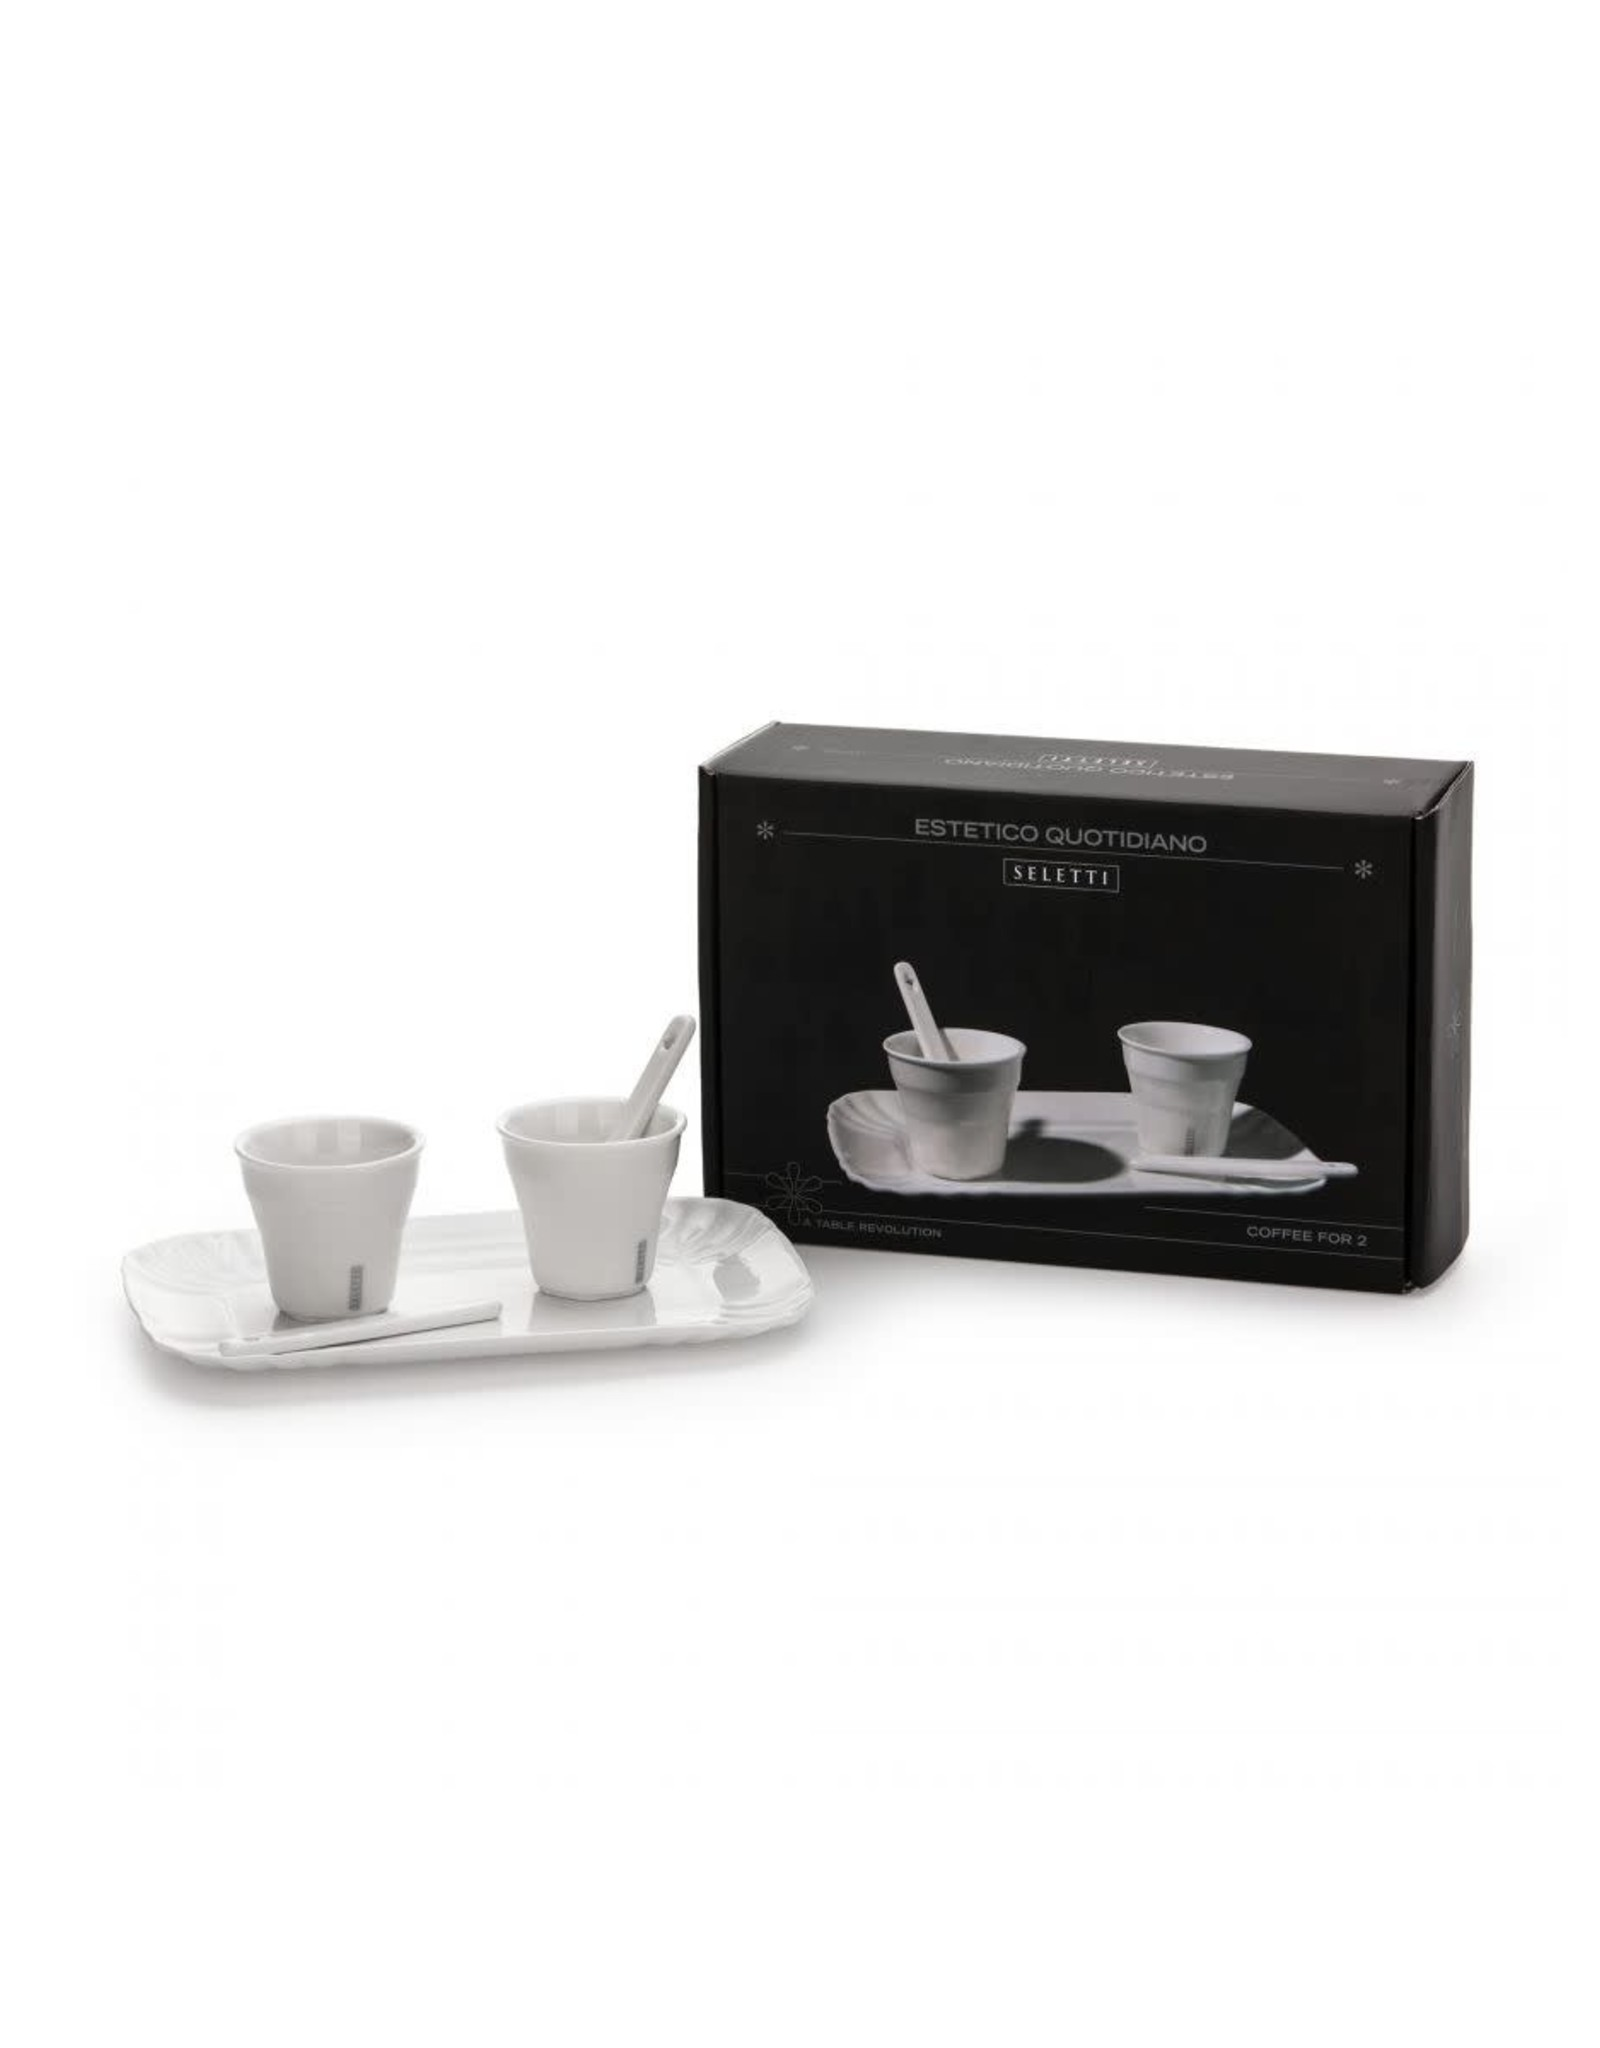 Seletti Estetico Quotidiano Coffee Set 2 Cups + 1 Tray